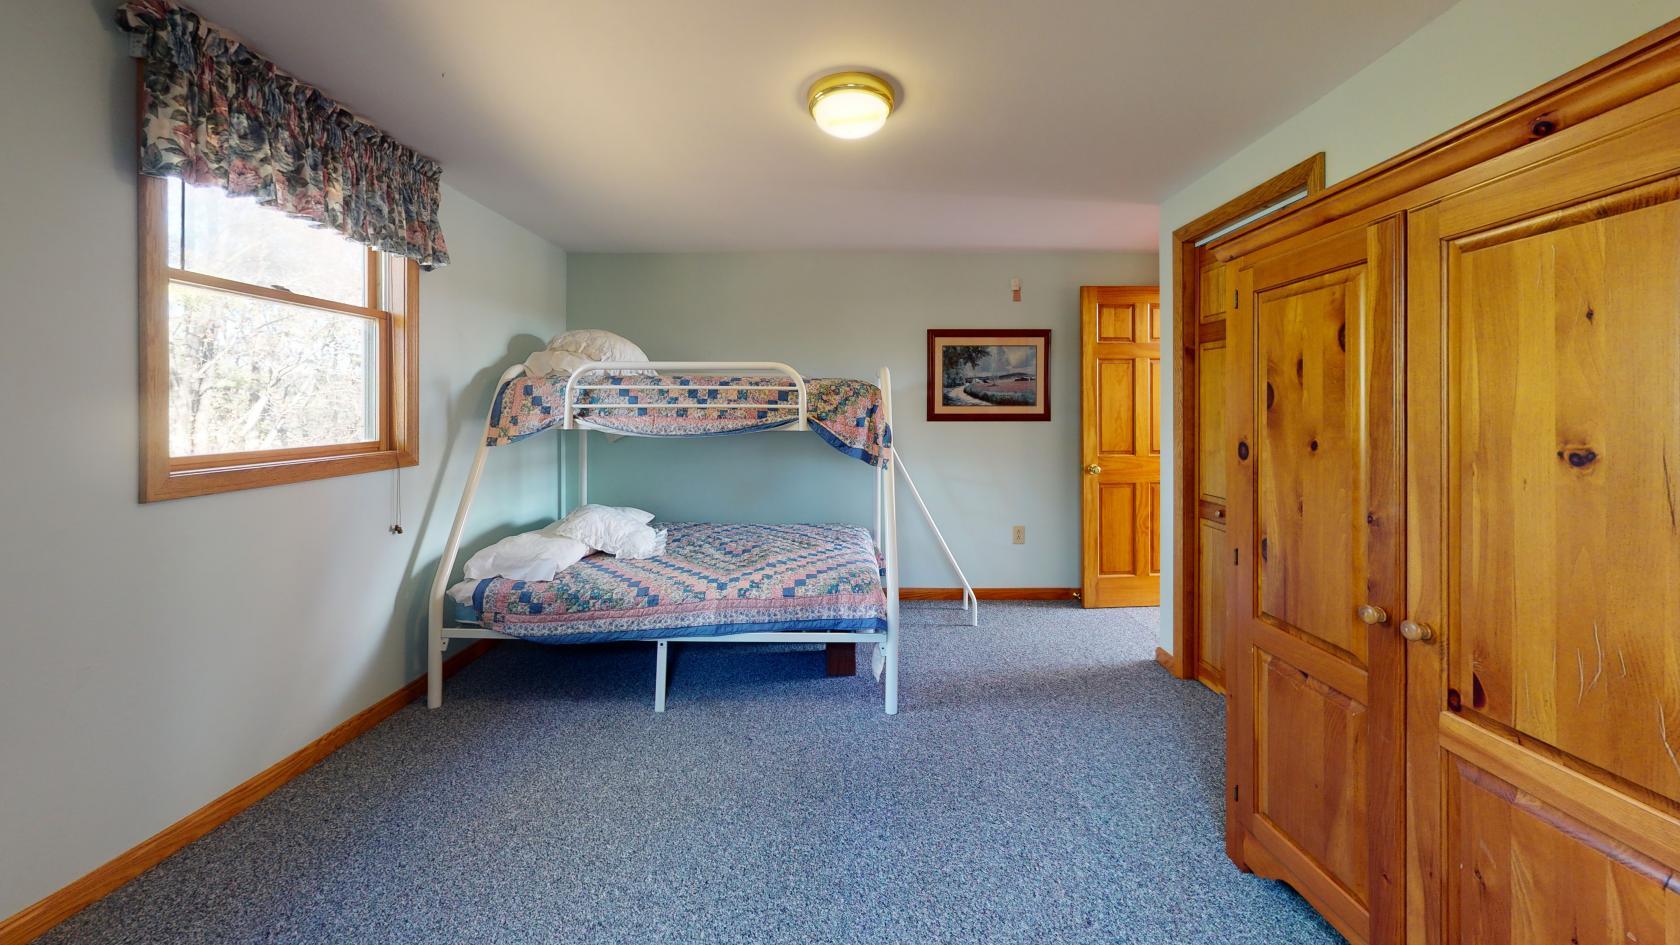 2425-W-Mina-Rd-Clymer-NY-14724-USA-Bedroom4